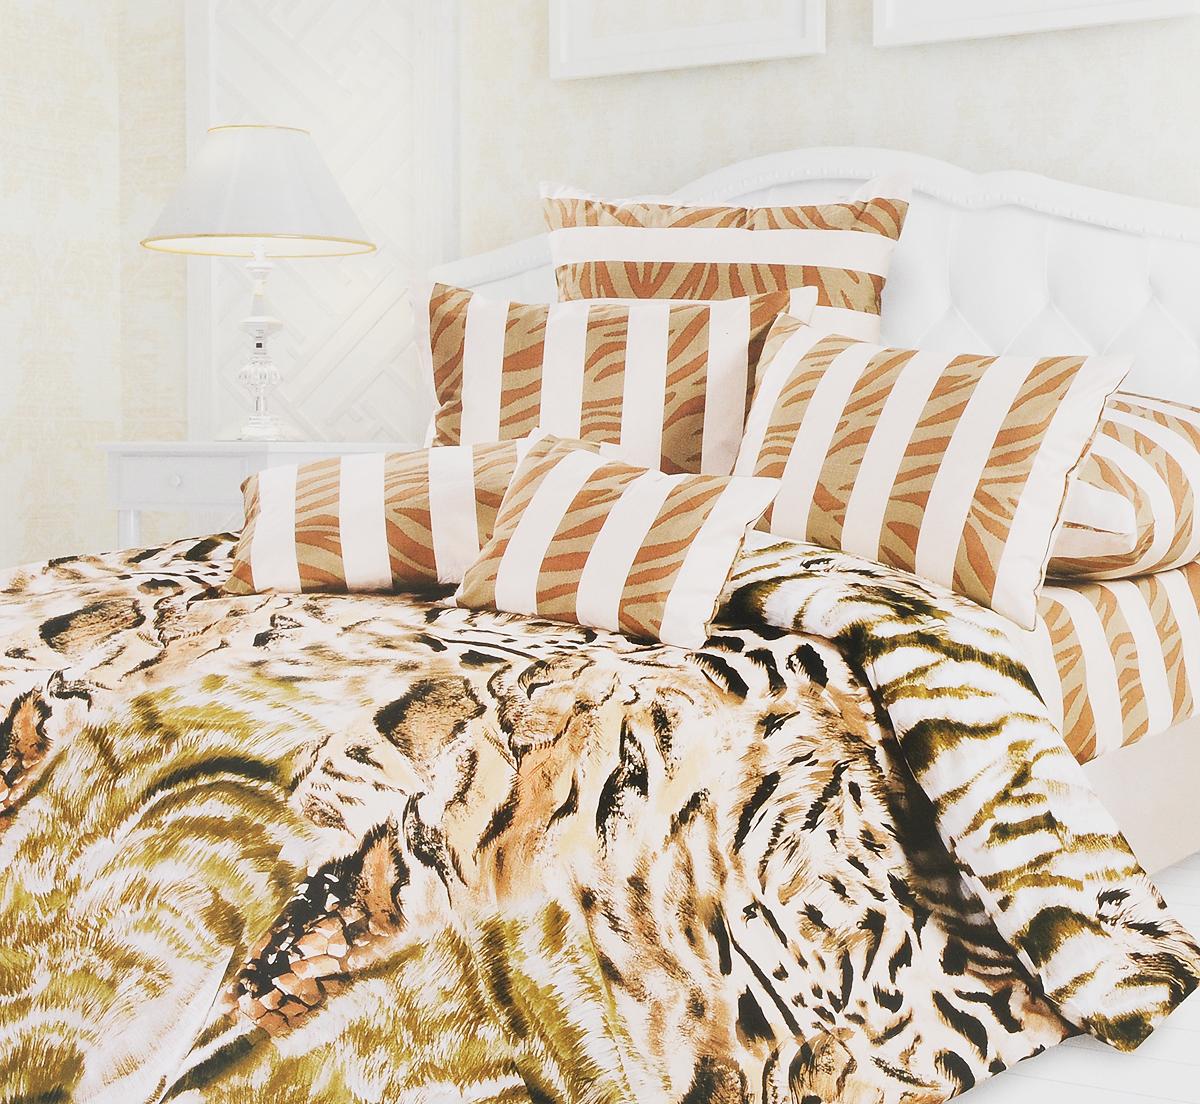 Комплект белья Унисон Пума, 2-спальный, наволочки 70x70 пума магазин в саратове